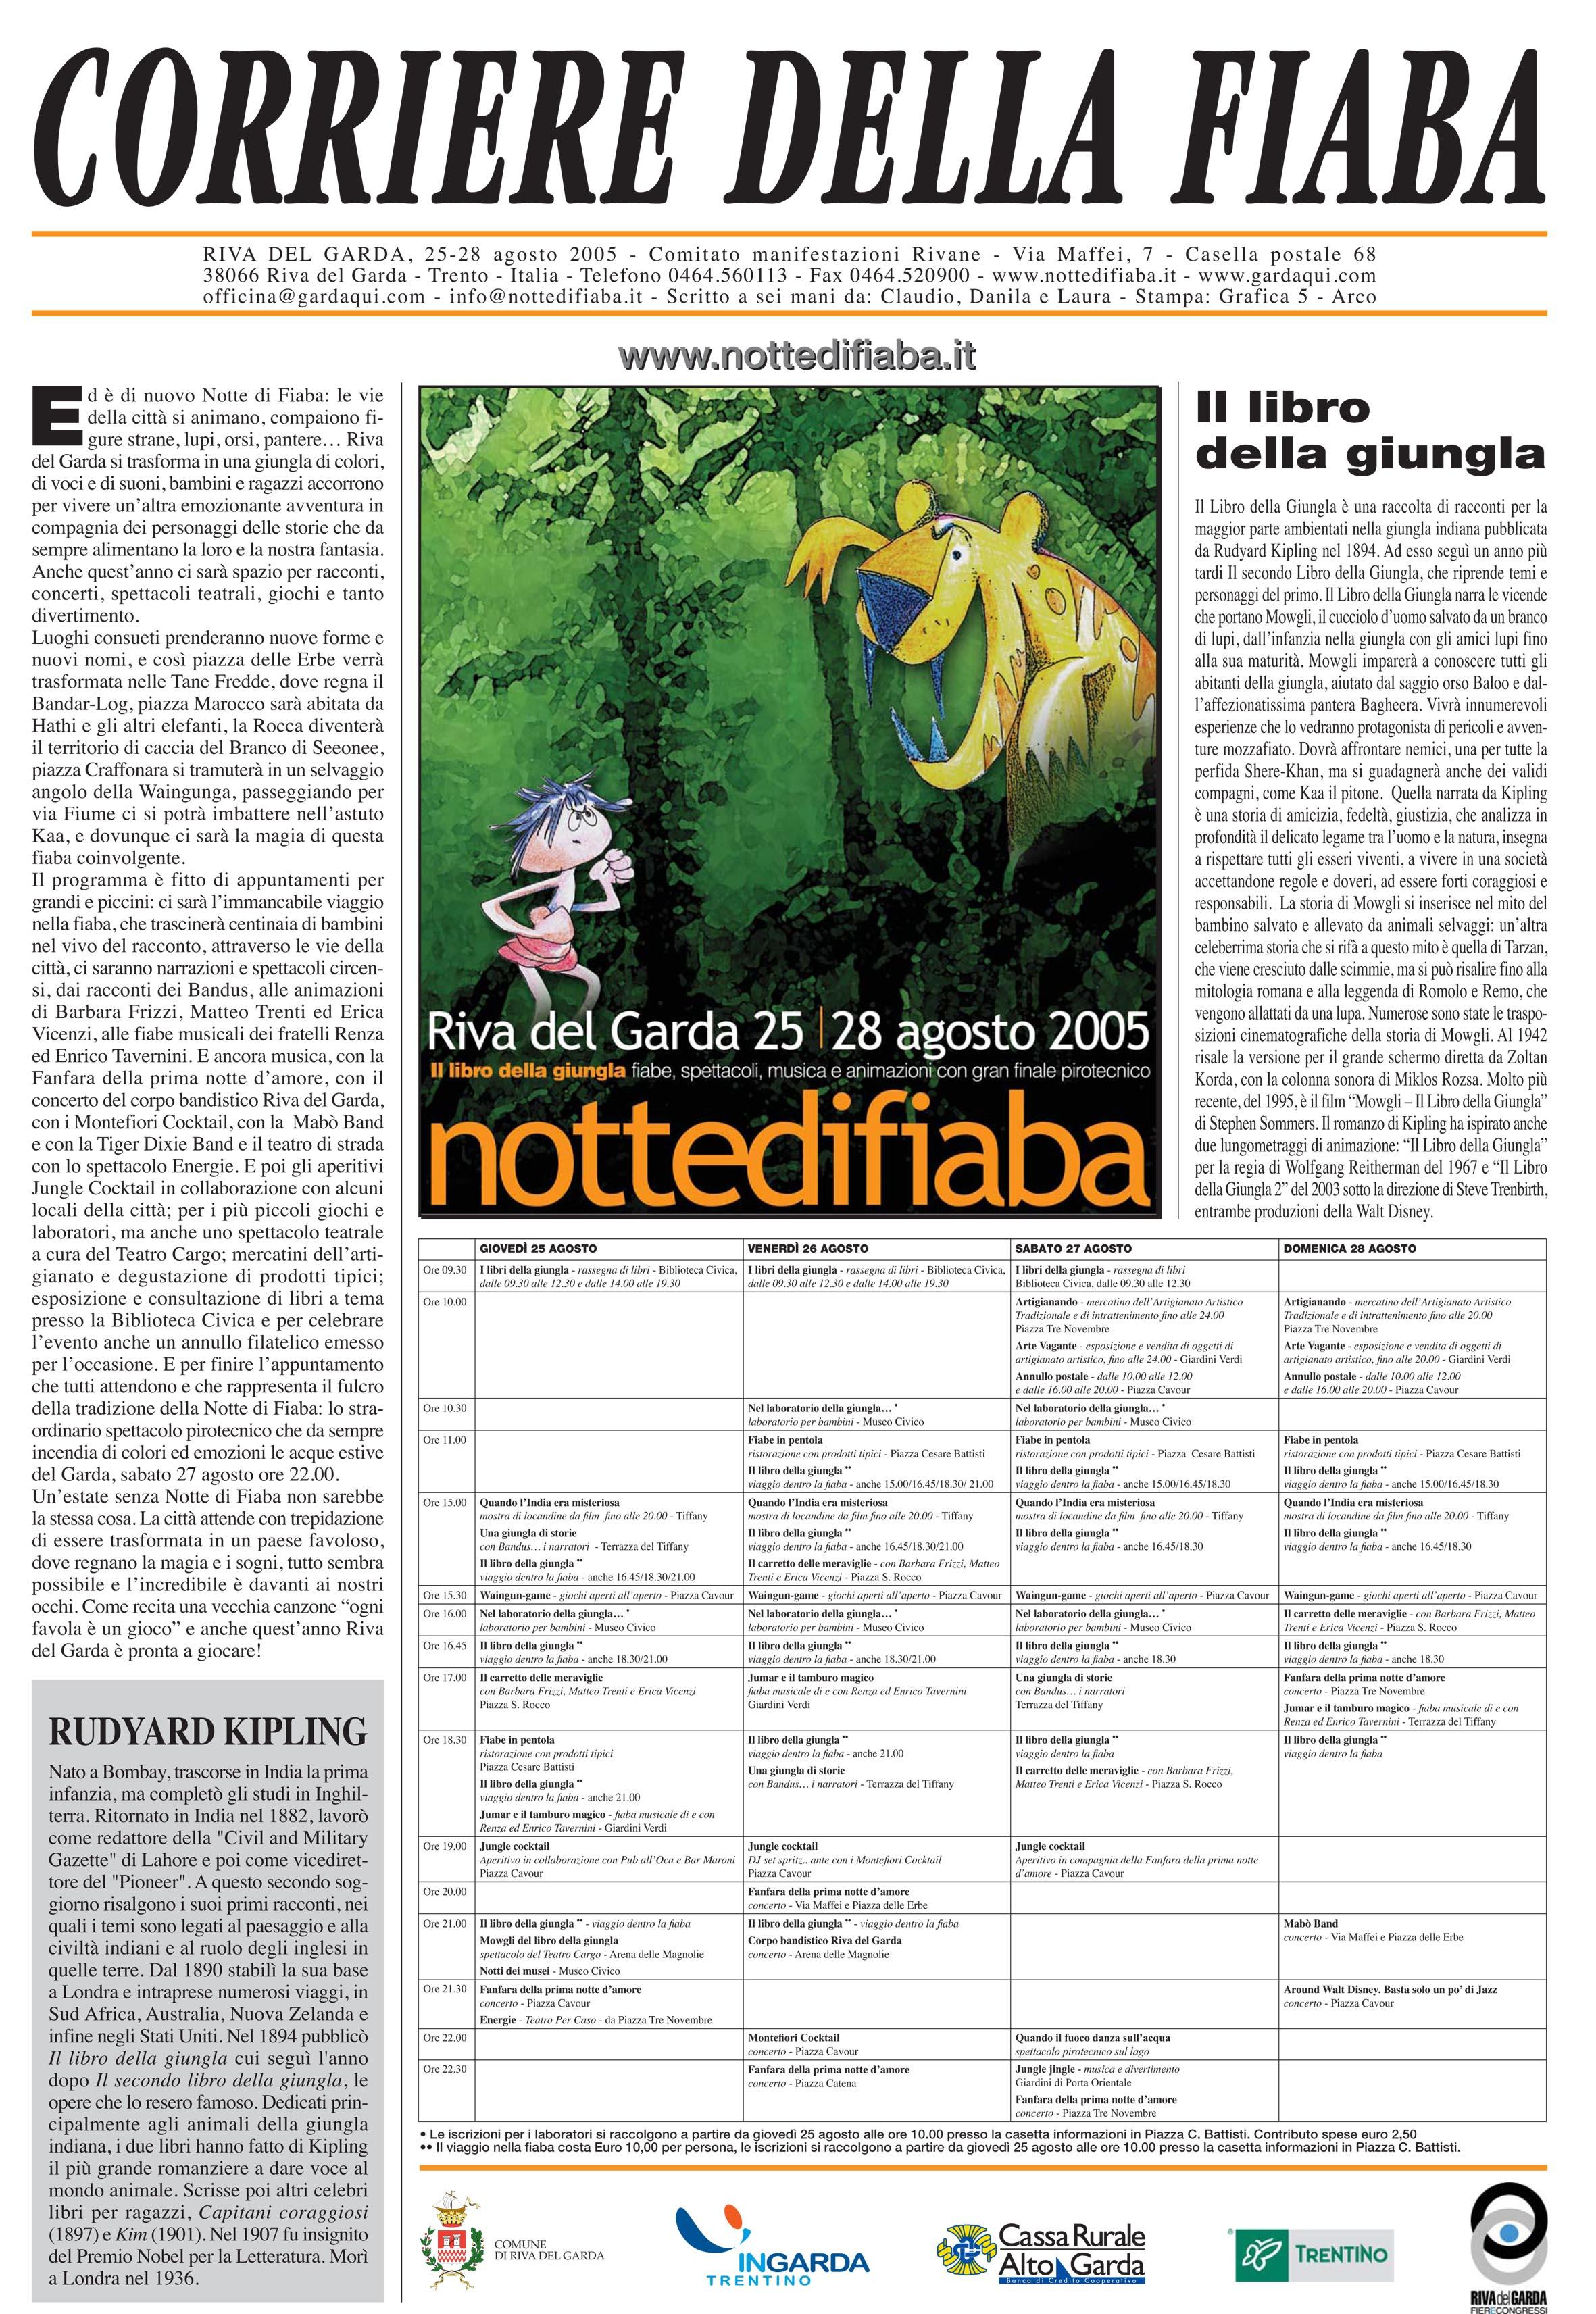 Corriere della fiaba 2005